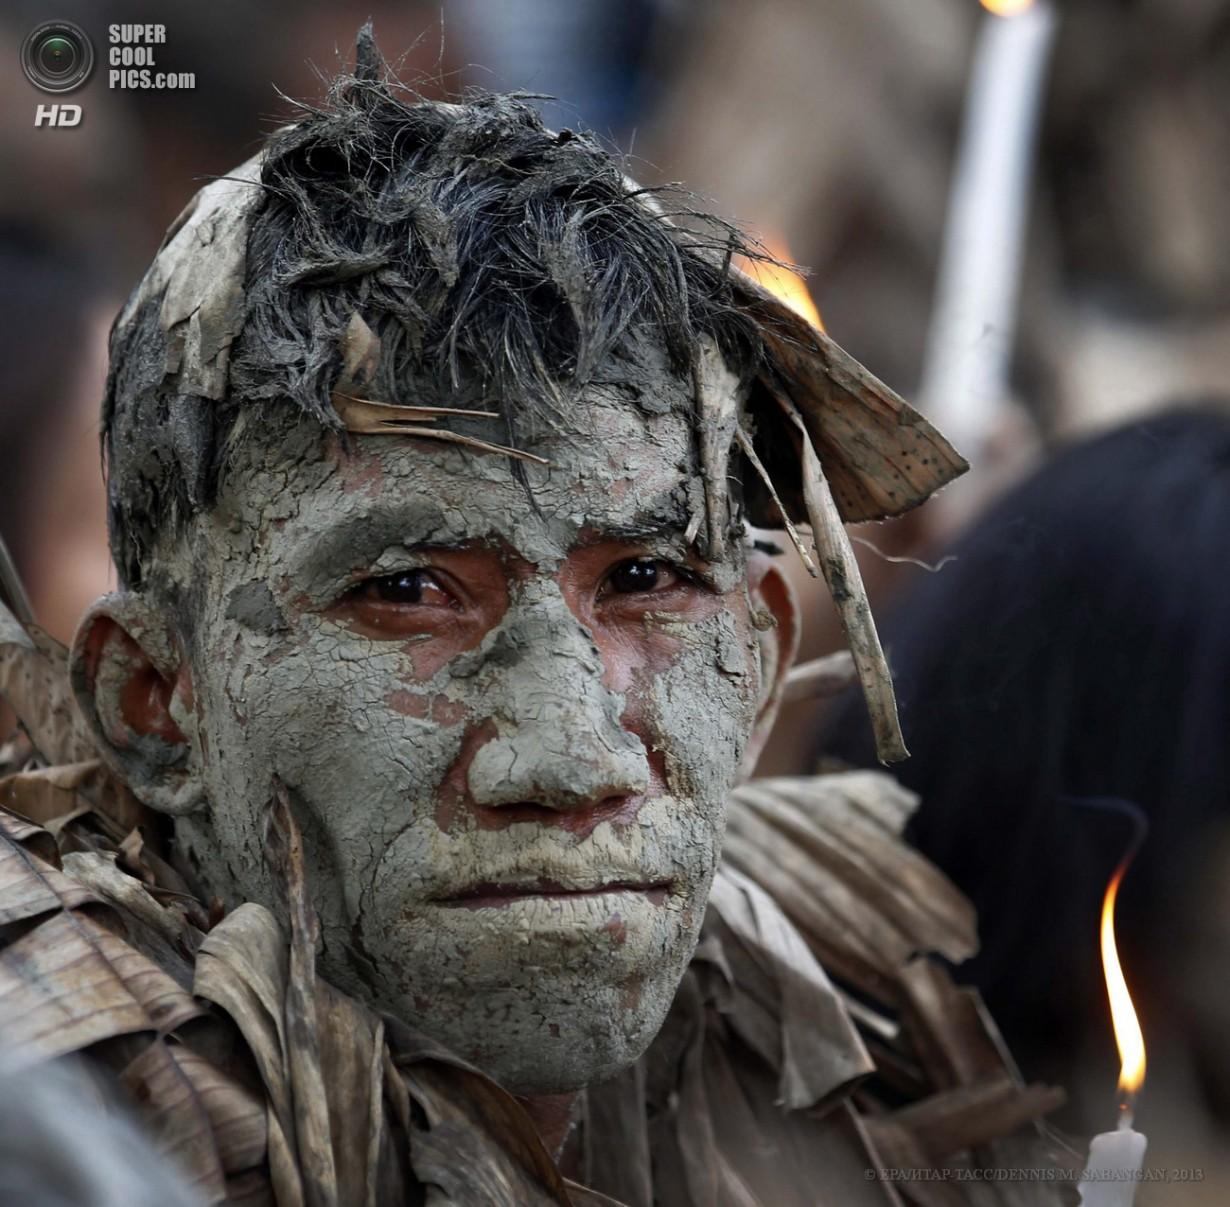 Филиппины. Алиага, Нуэва-Эсиха. 24 июня. Филиппинский католик, покрытый грязью и одетый в сухие